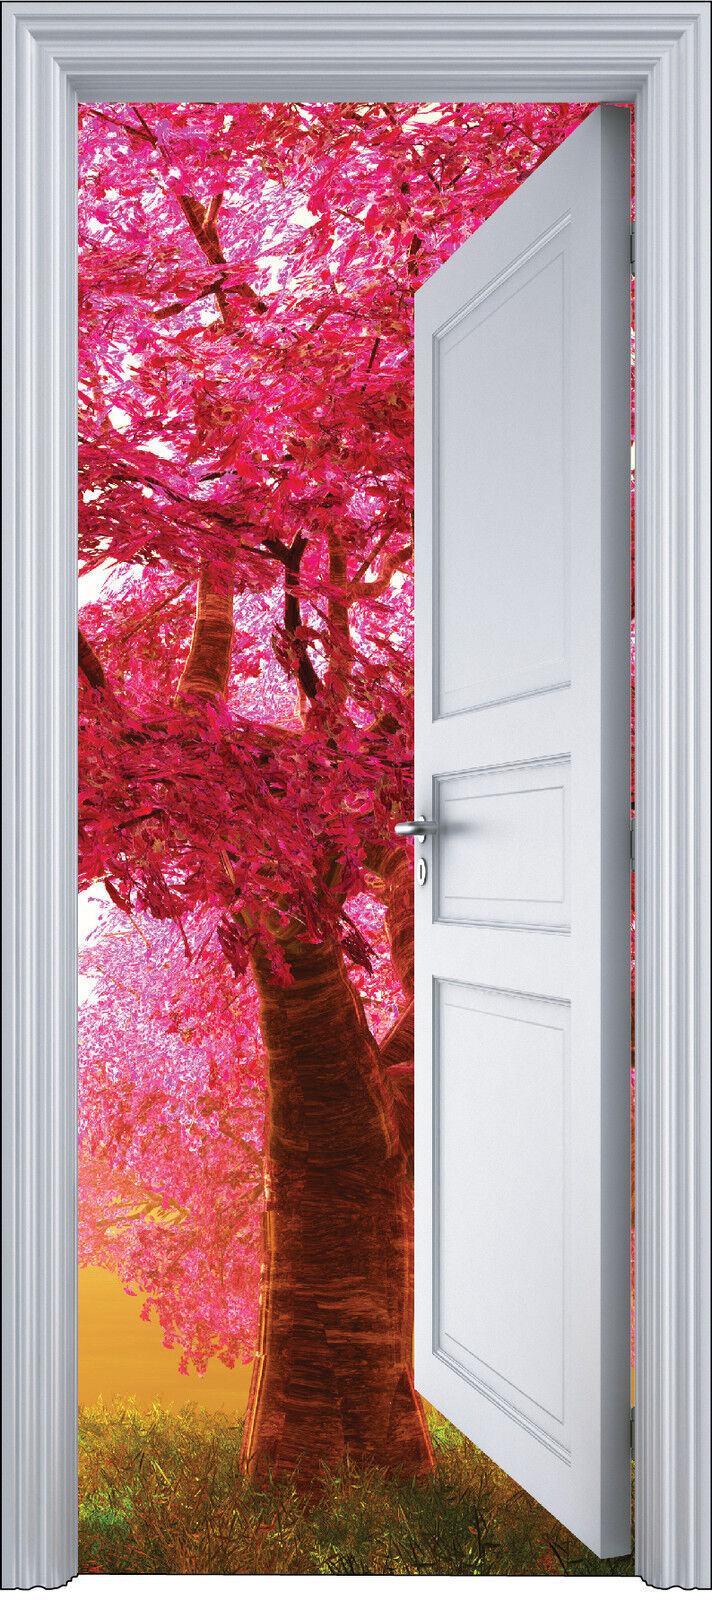 Aufkleber Tür Schein Auge Deko Baum Herbst 90x200 cm Ref 2146